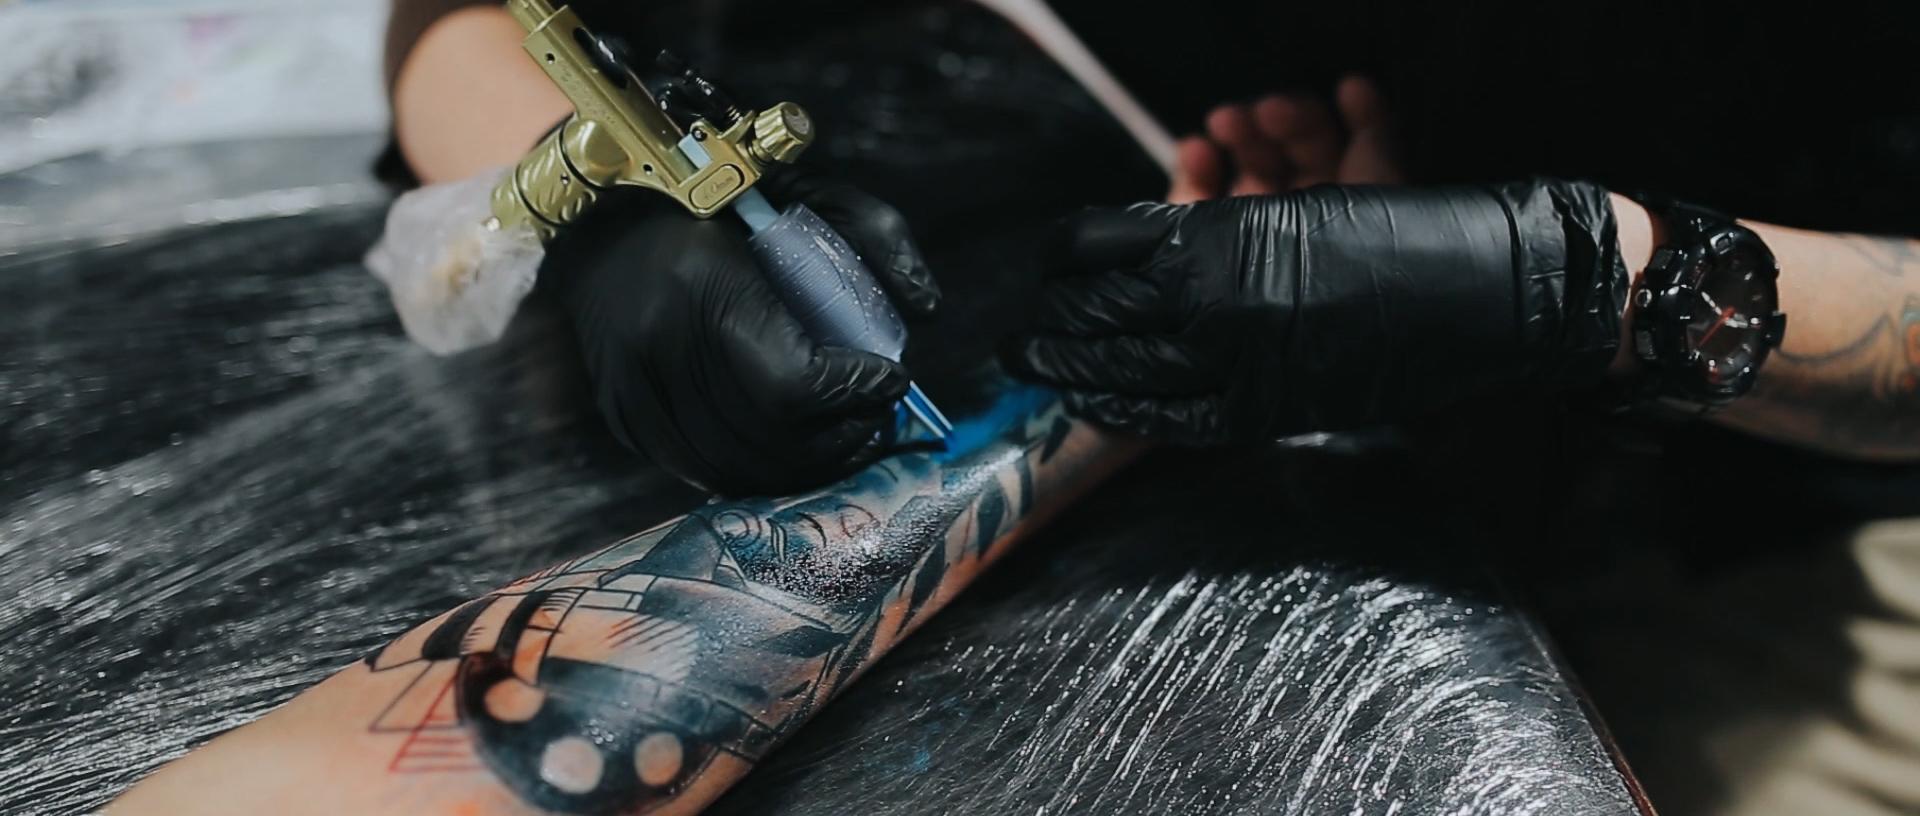 Gabrielle-Pereira-tatuadora-Curitiba-tattoo-ricardo-franzen-love-freedom-madness-producao-de-filme-video-de-tattoo-into-the-skin (9).jpg